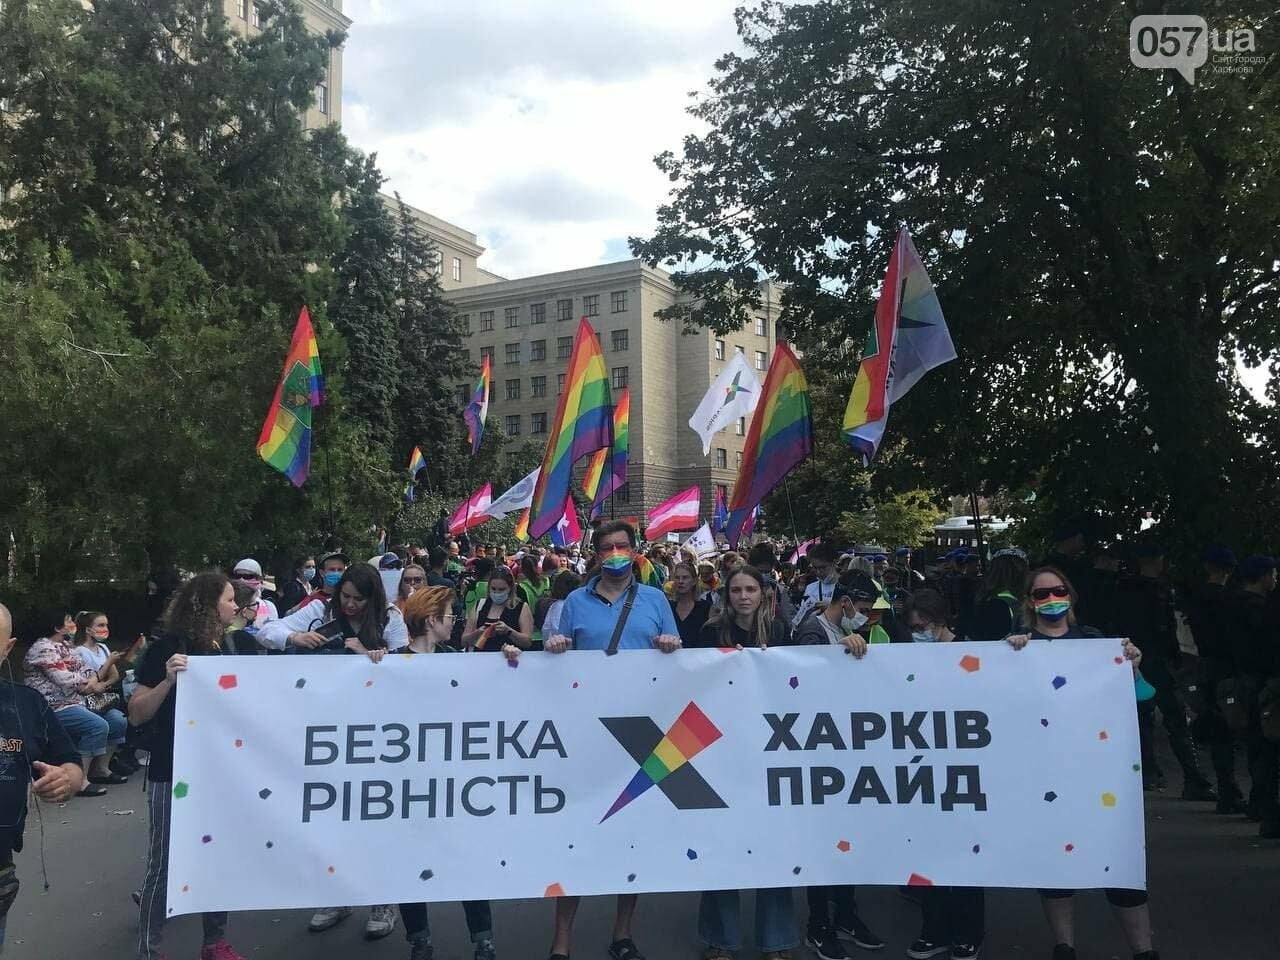 «Нет важней любви». Как в центре Харькова прошел ЛГБТ-марш, - ФОТОРЕПОРТАЖ, фото-16